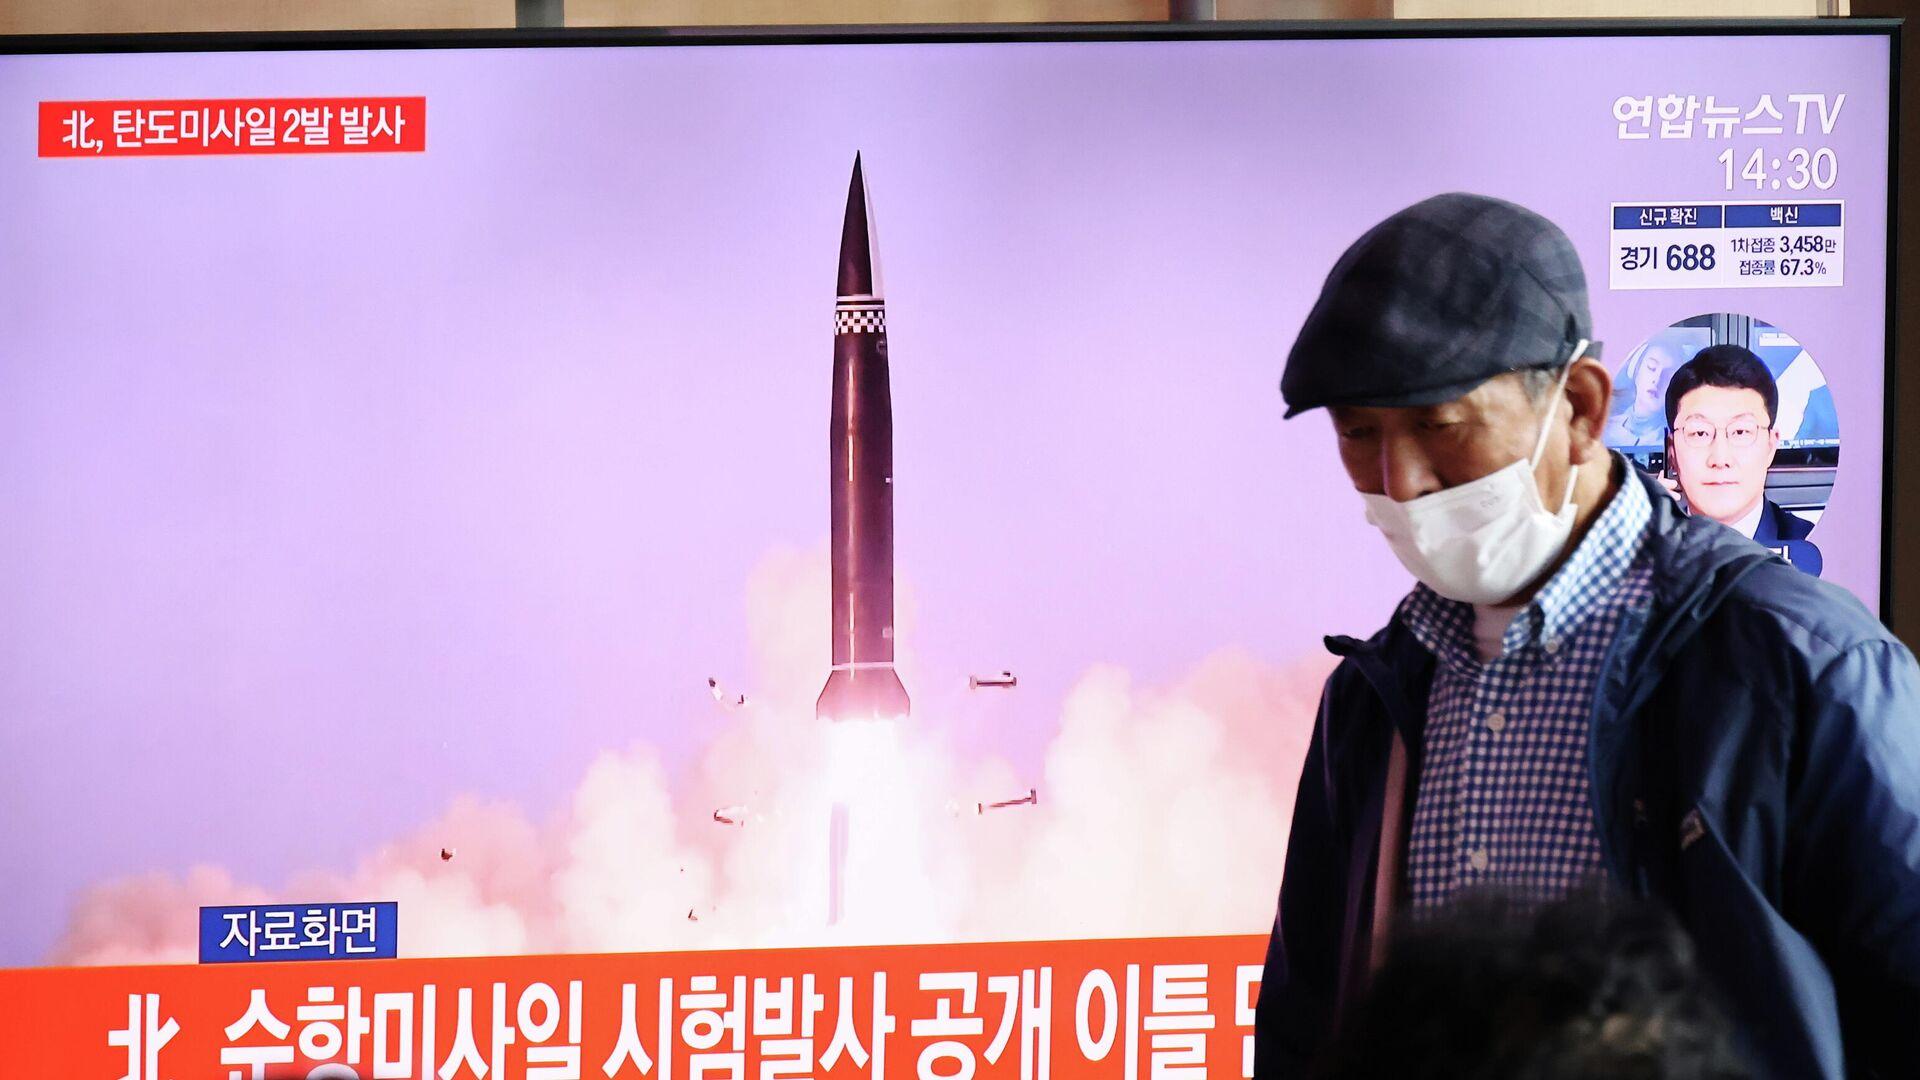 Corea del Norte lanza un misil - Sputnik Mundo, 1920, 15.09.2021